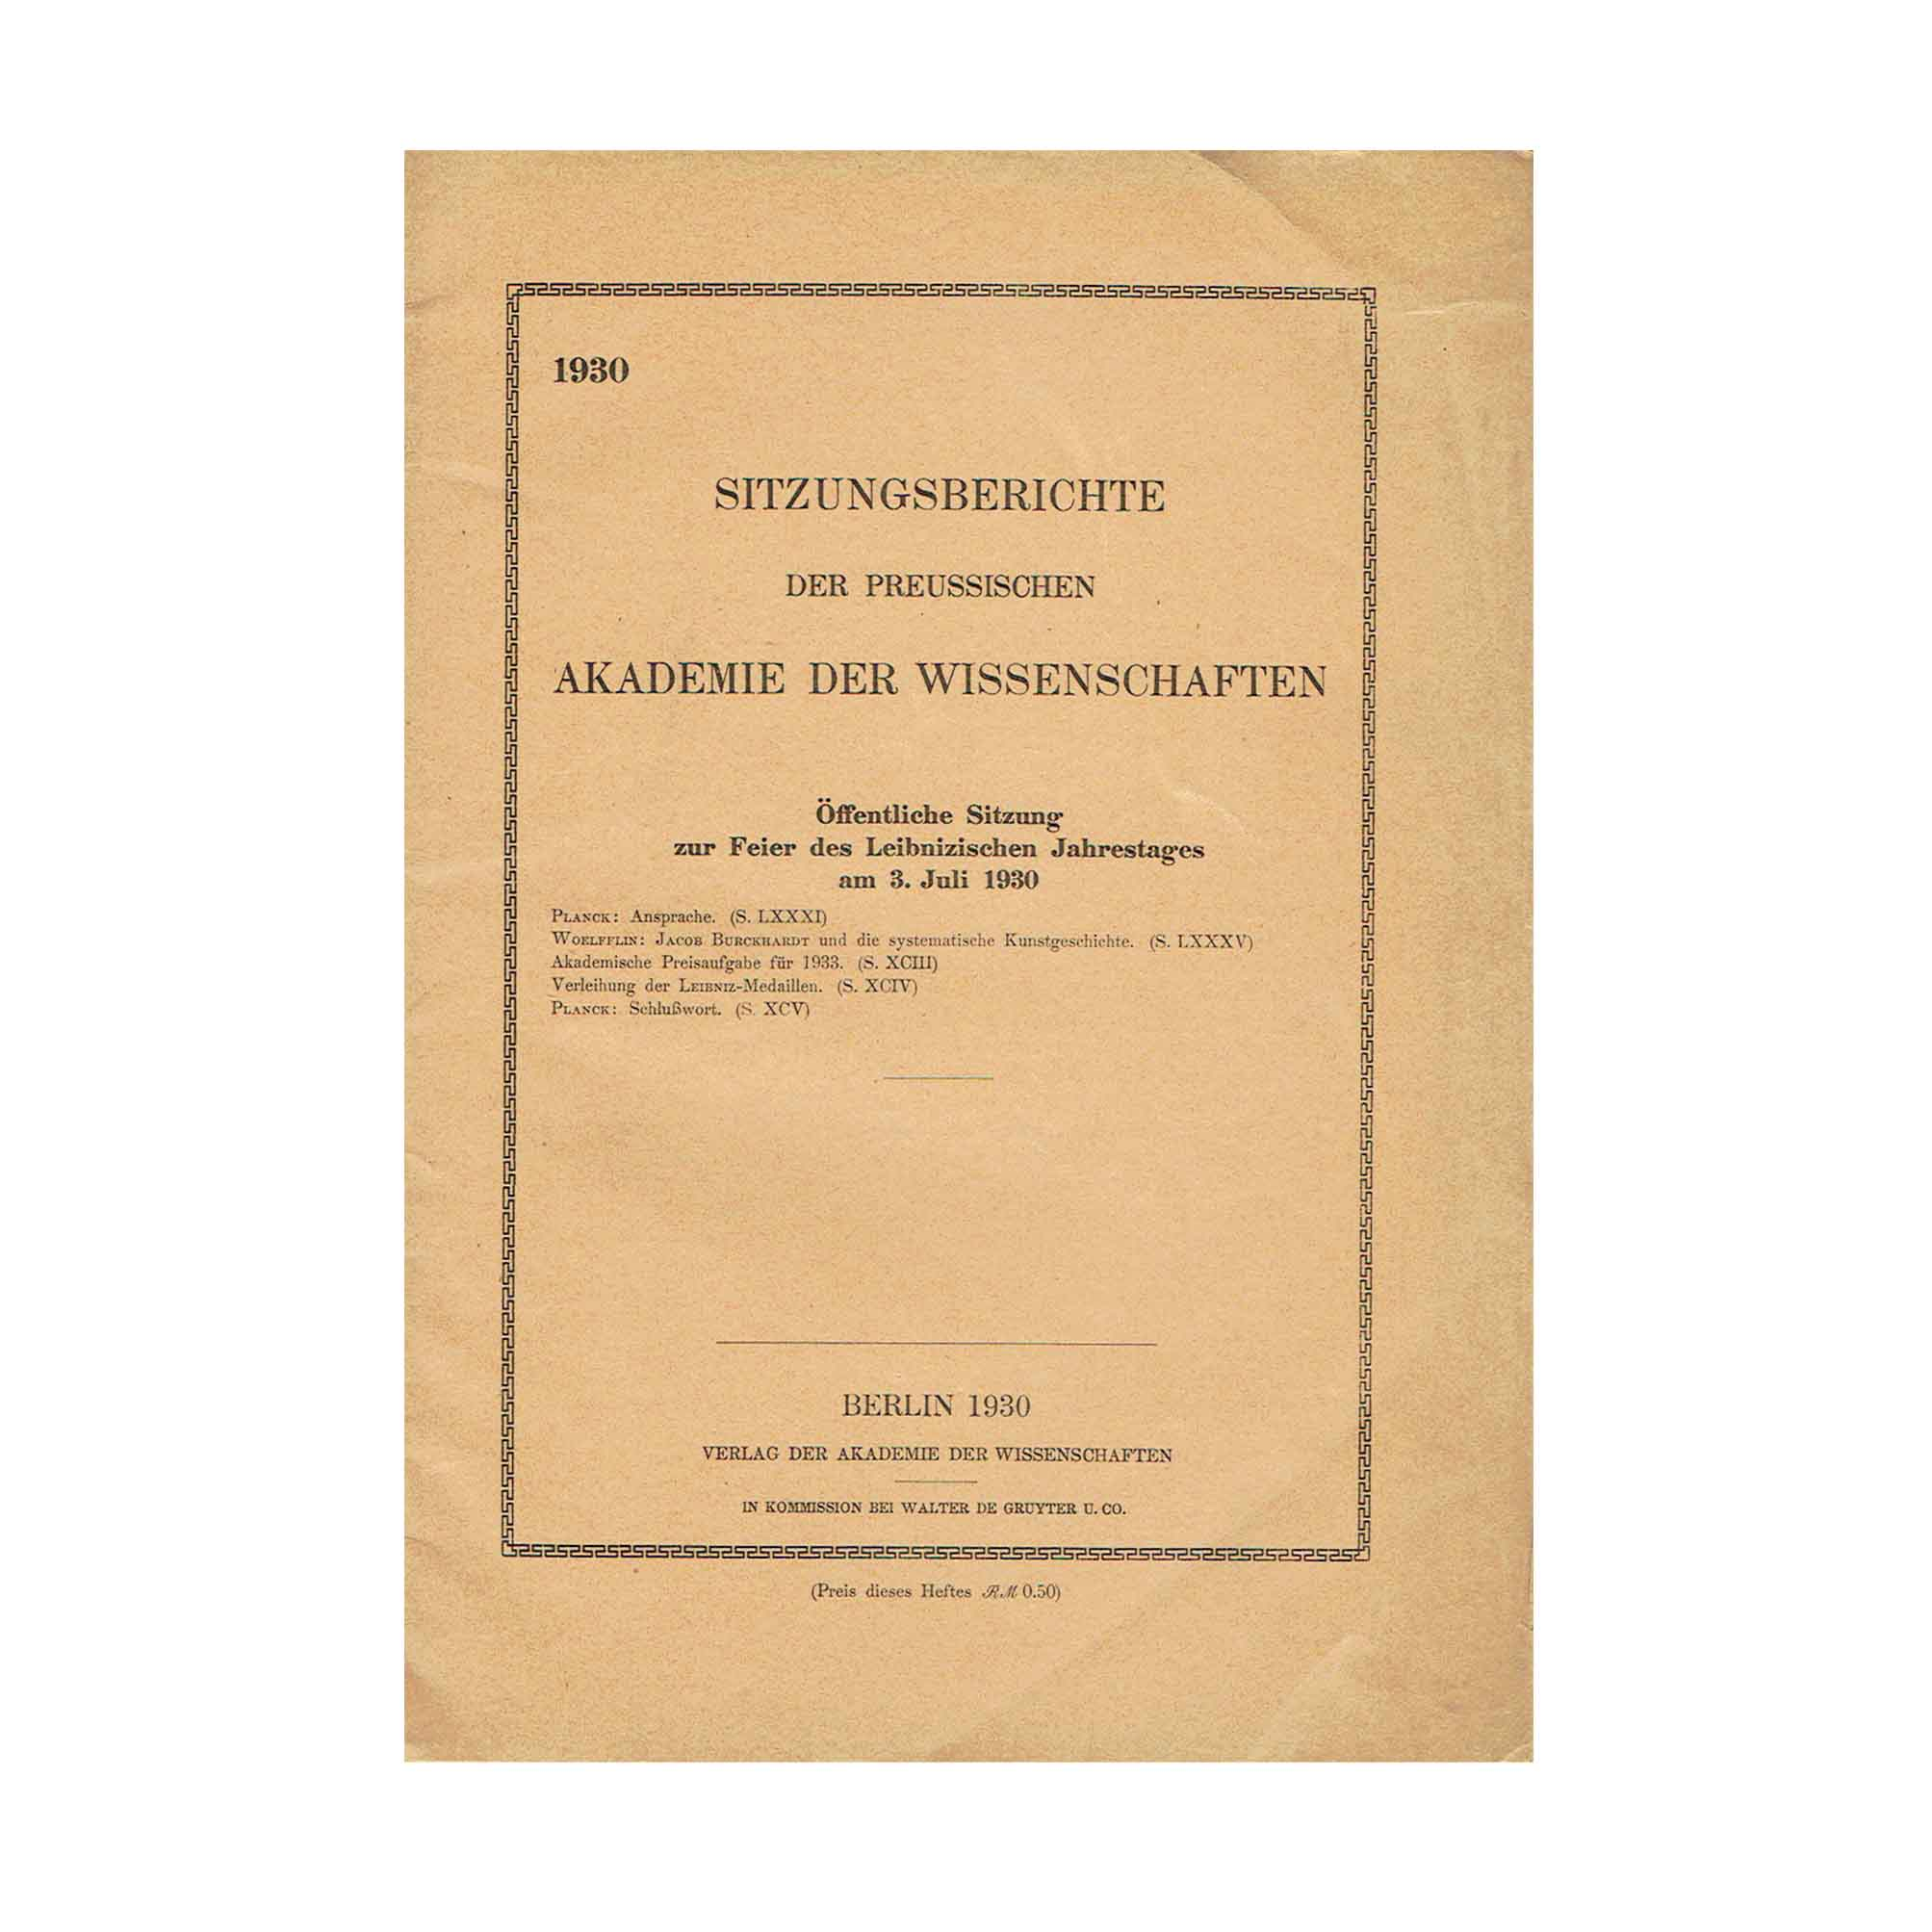 5825K-Planck-Ansprache-Schlusswort-Leibnitz-First-Separate-1930-N.jpeg